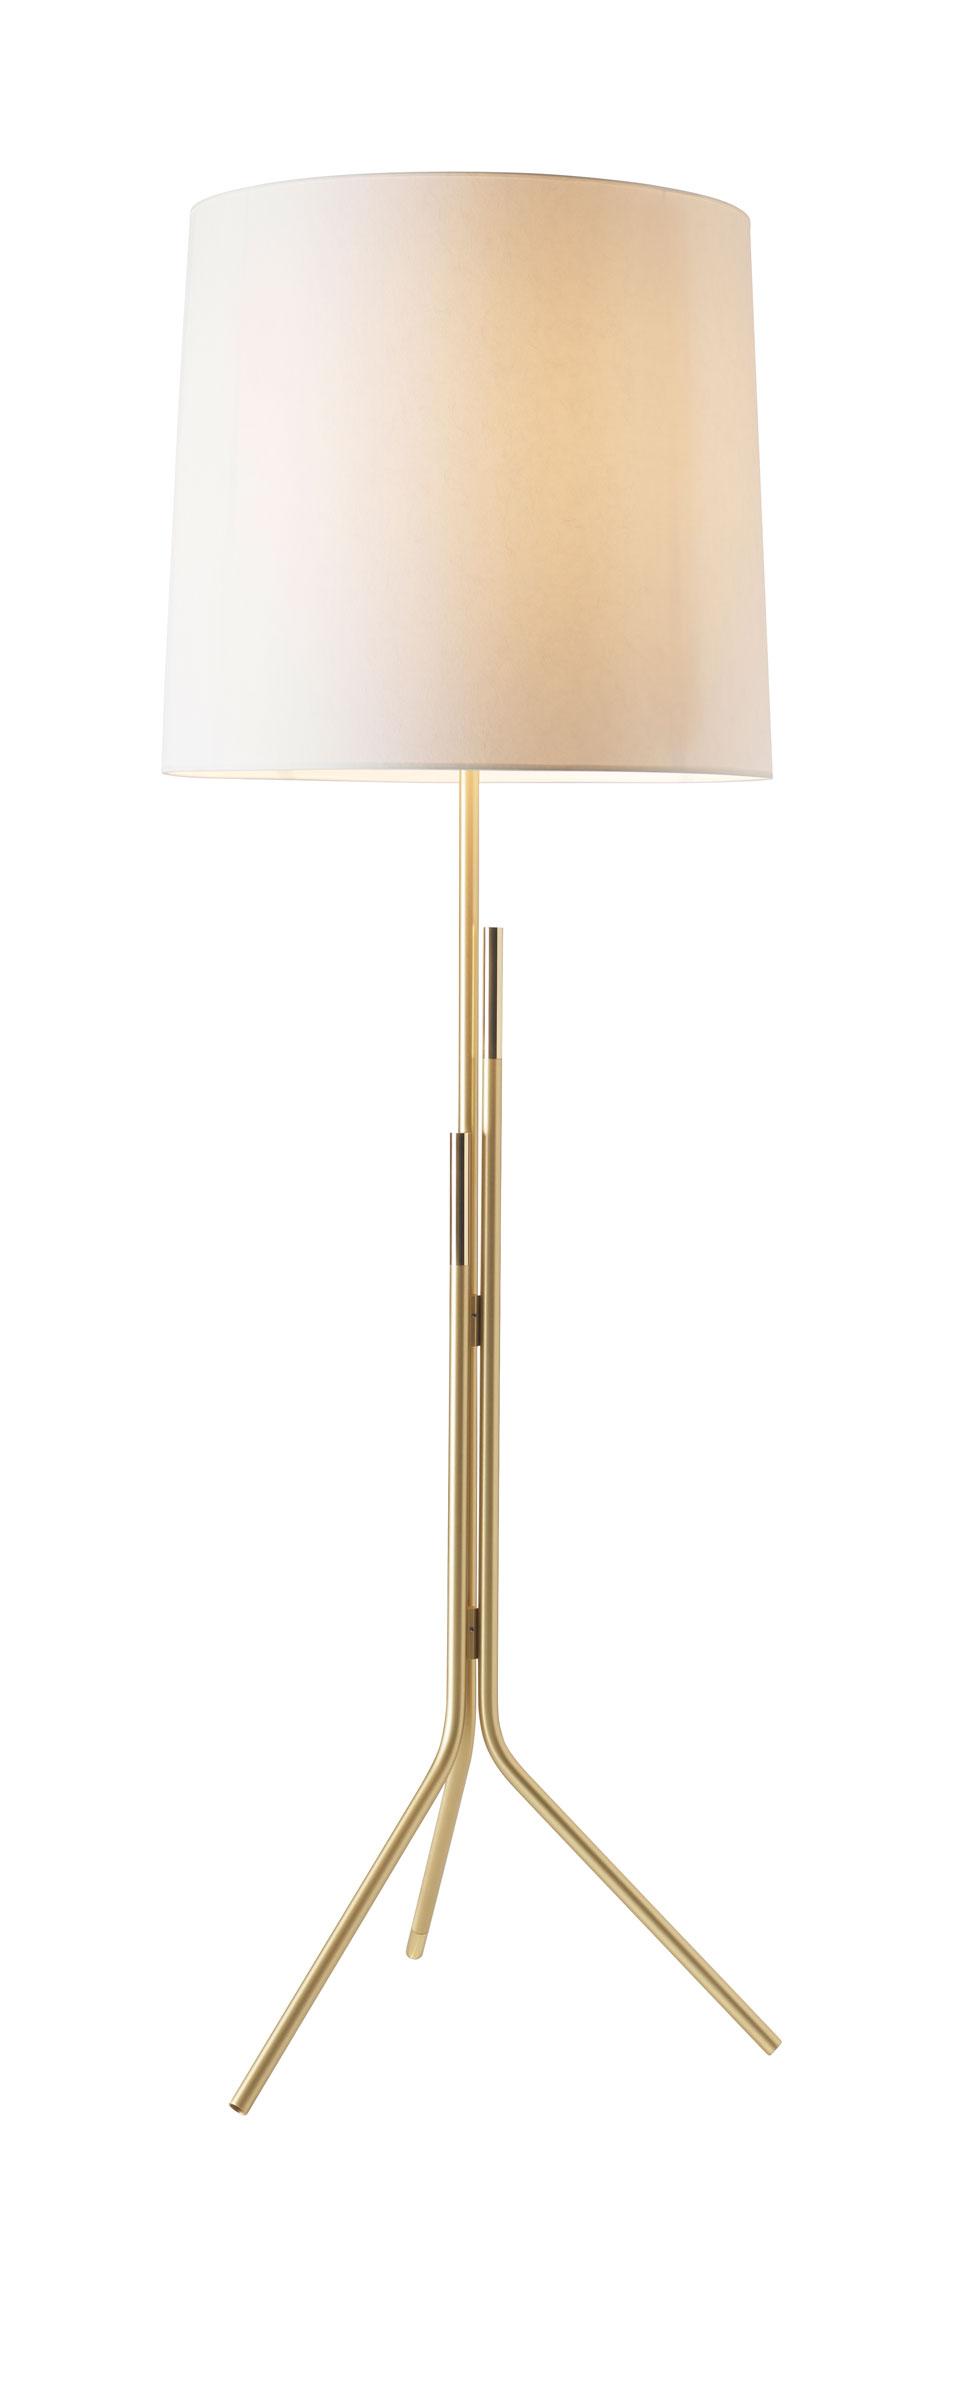 design floor lamp matte and glossy gold ellis cvl. Black Bedroom Furniture Sets. Home Design Ideas